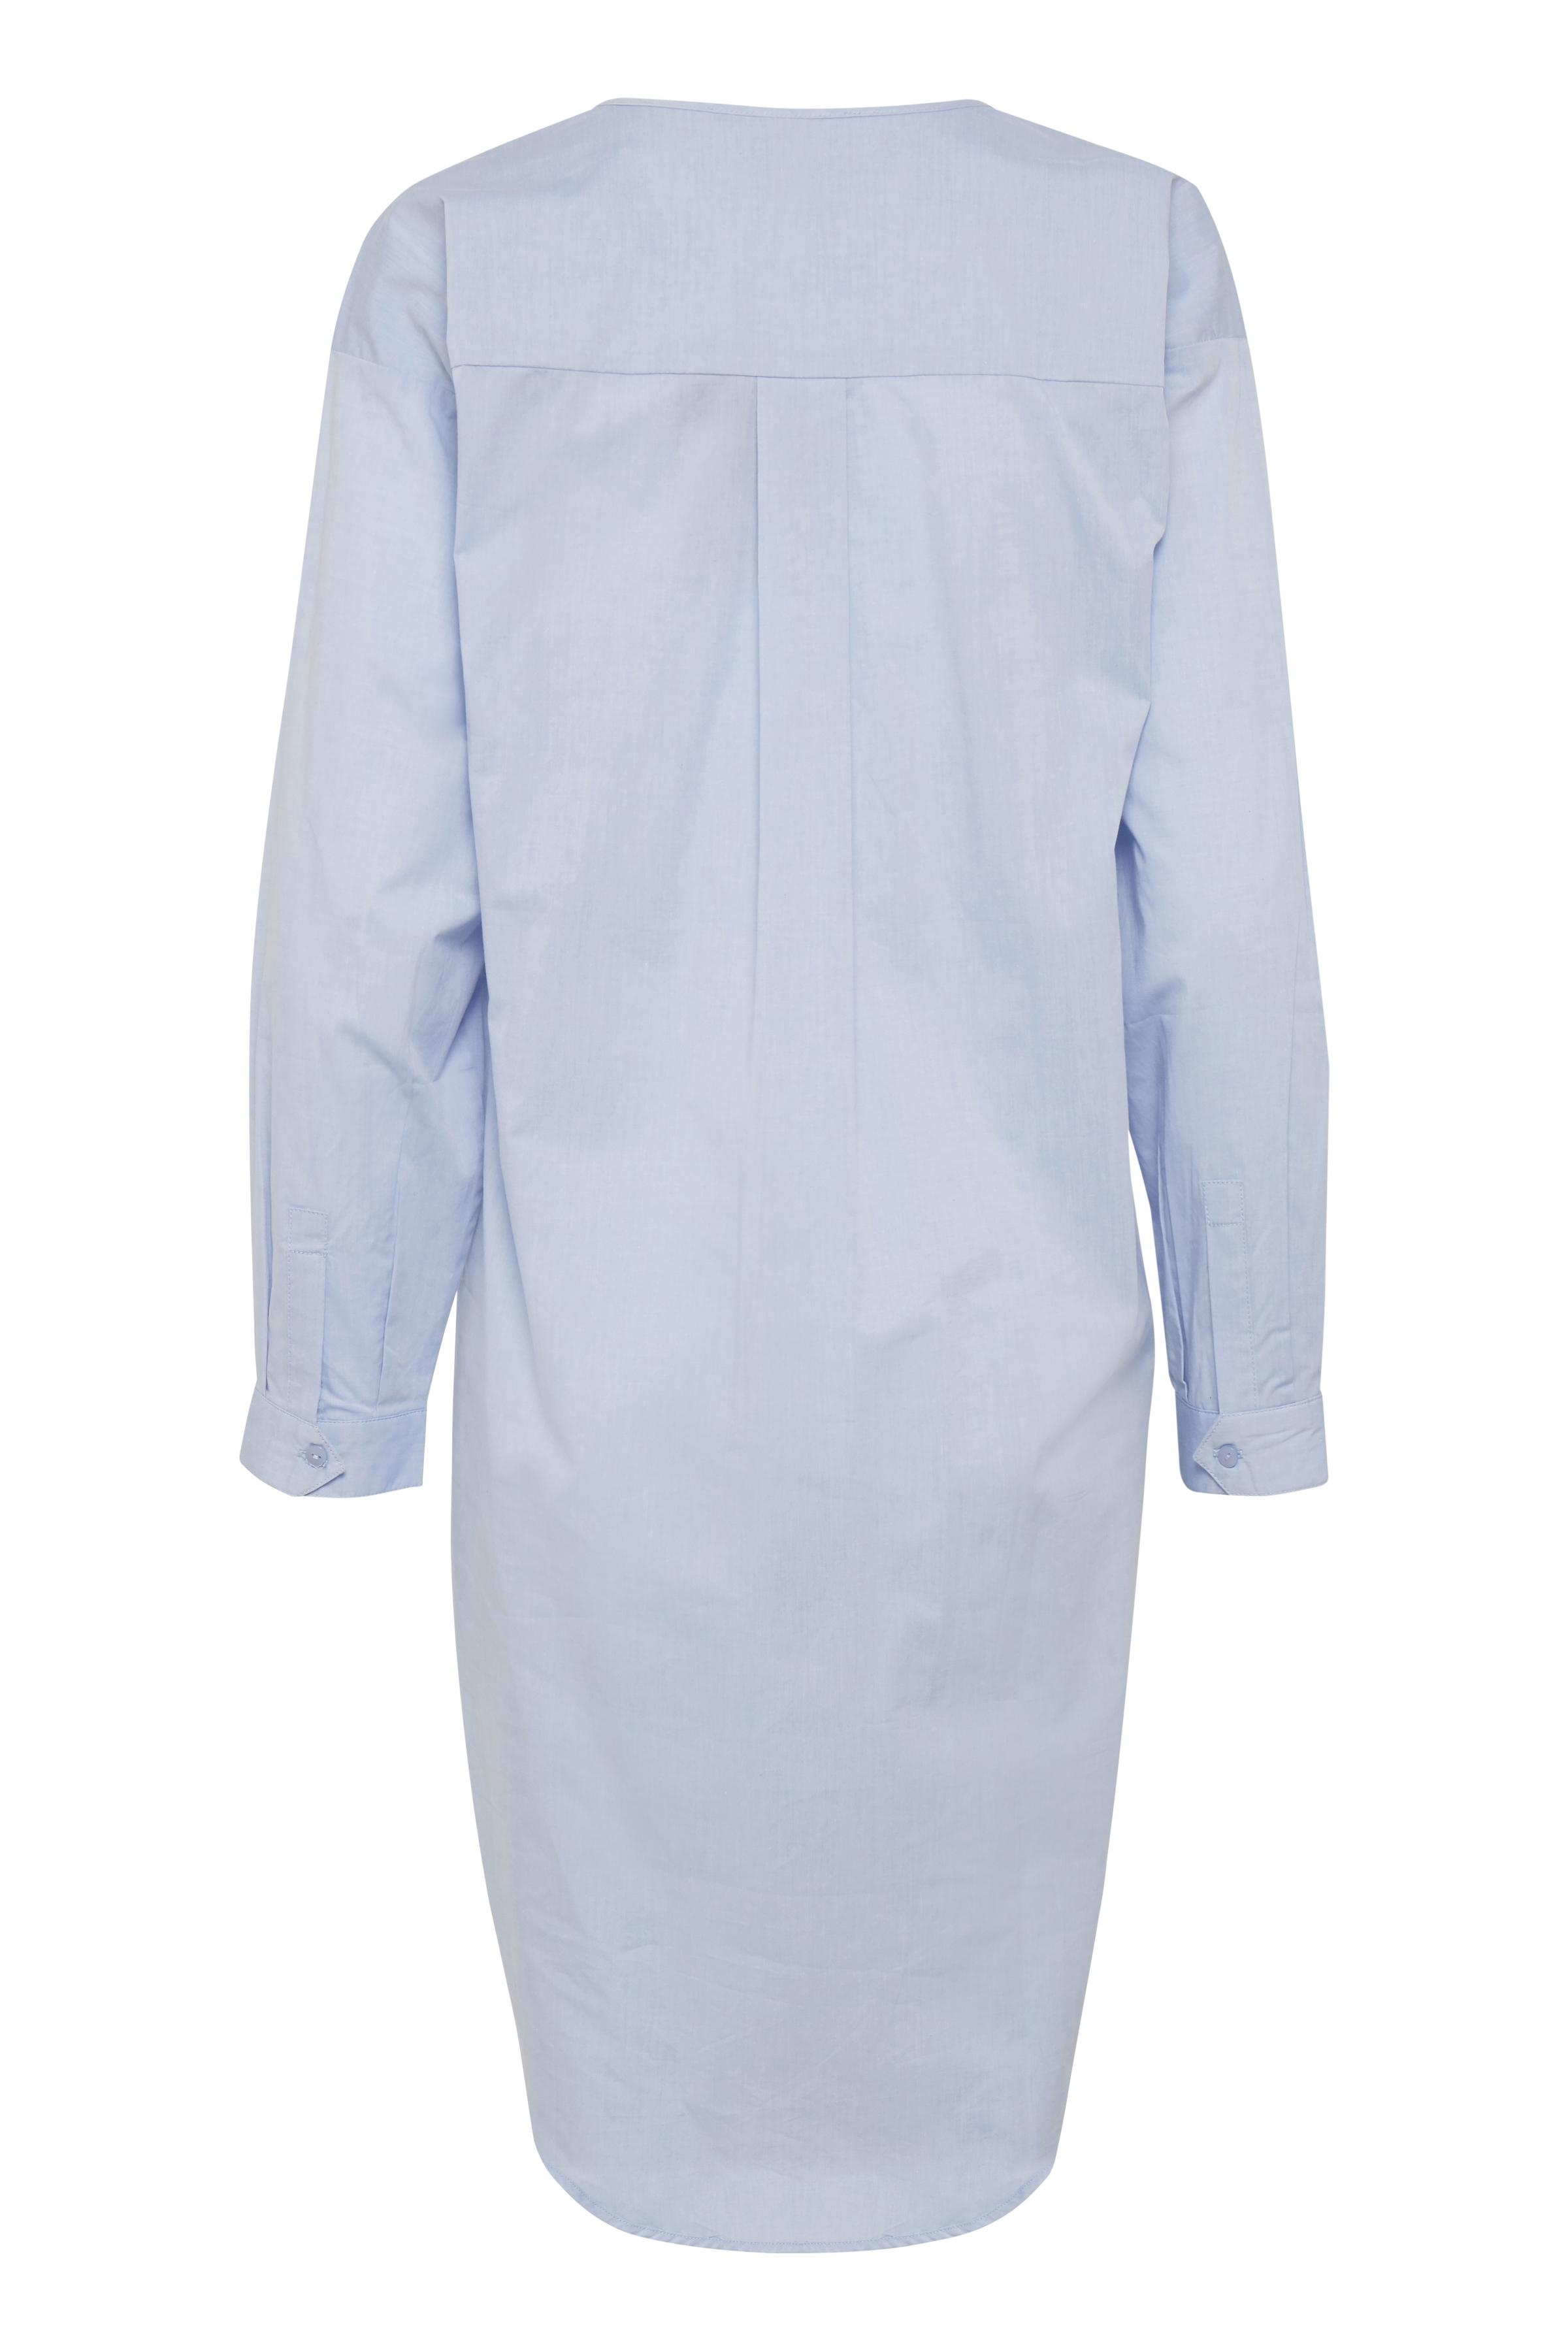 Skyway Langærmet skjorte – Køb Skyway Langærmet skjorte fra str. XS-XL her